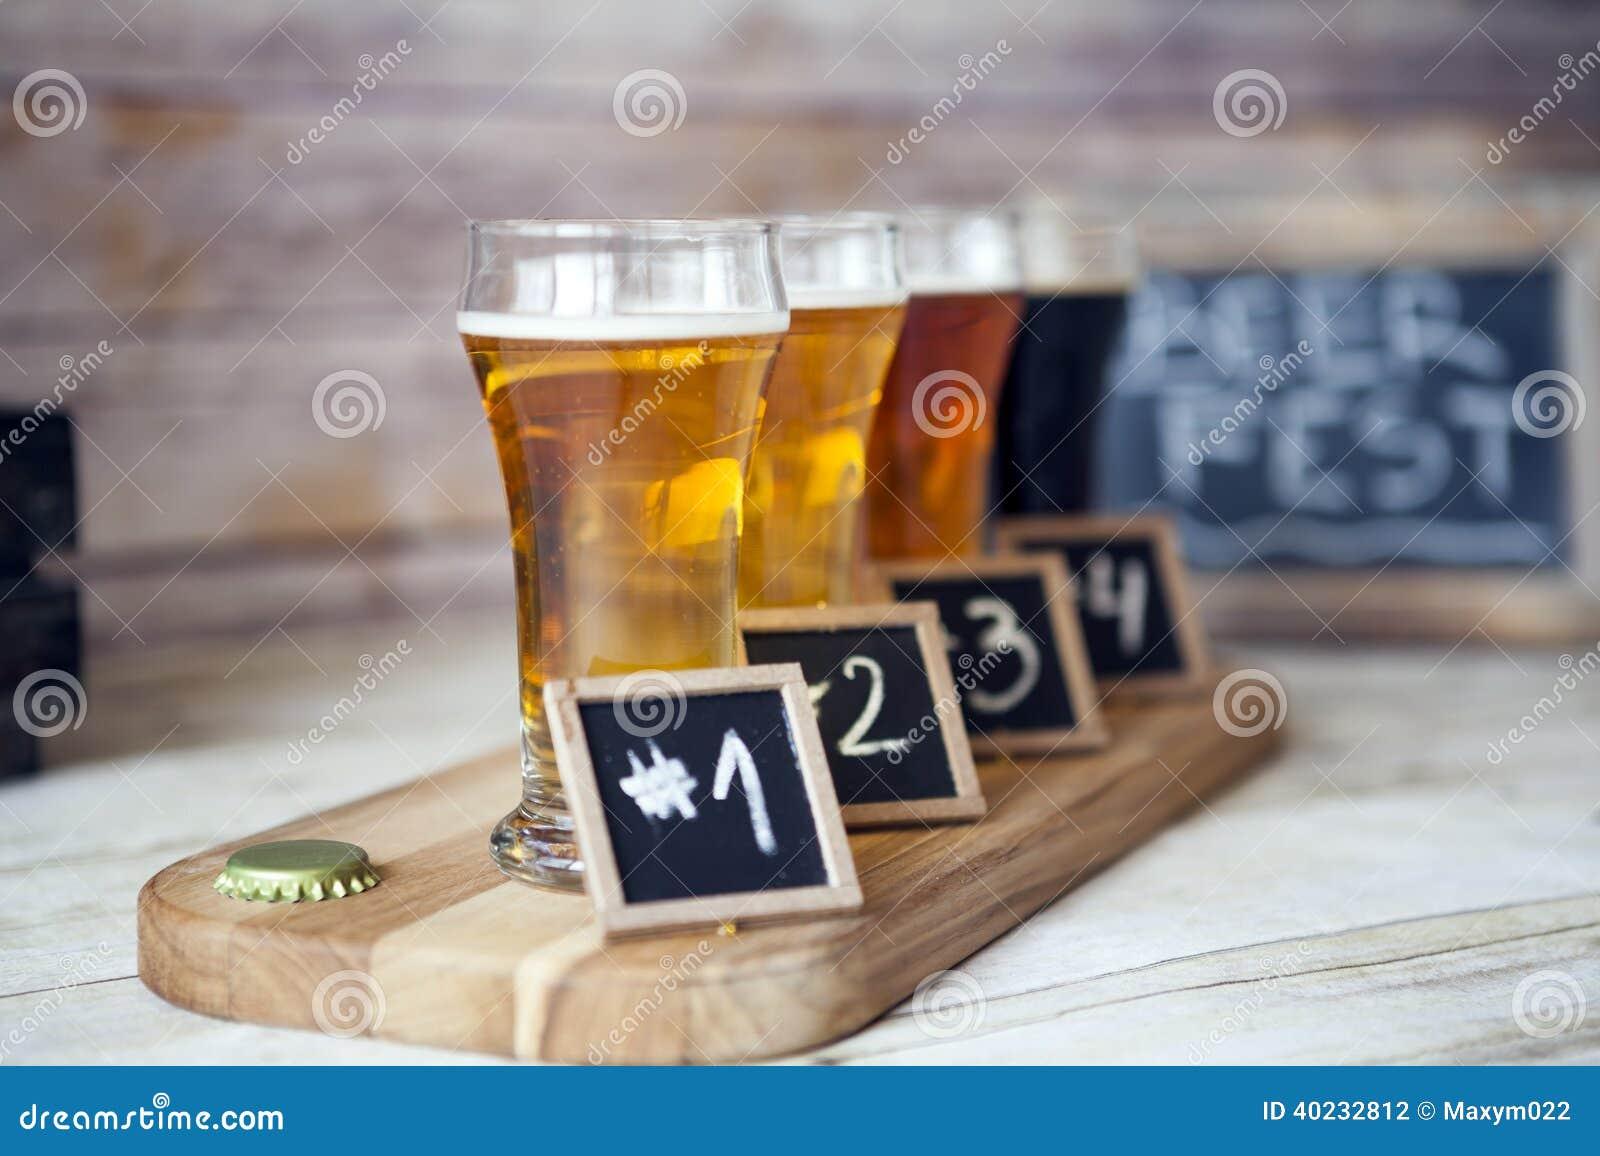 Piwna degustacja